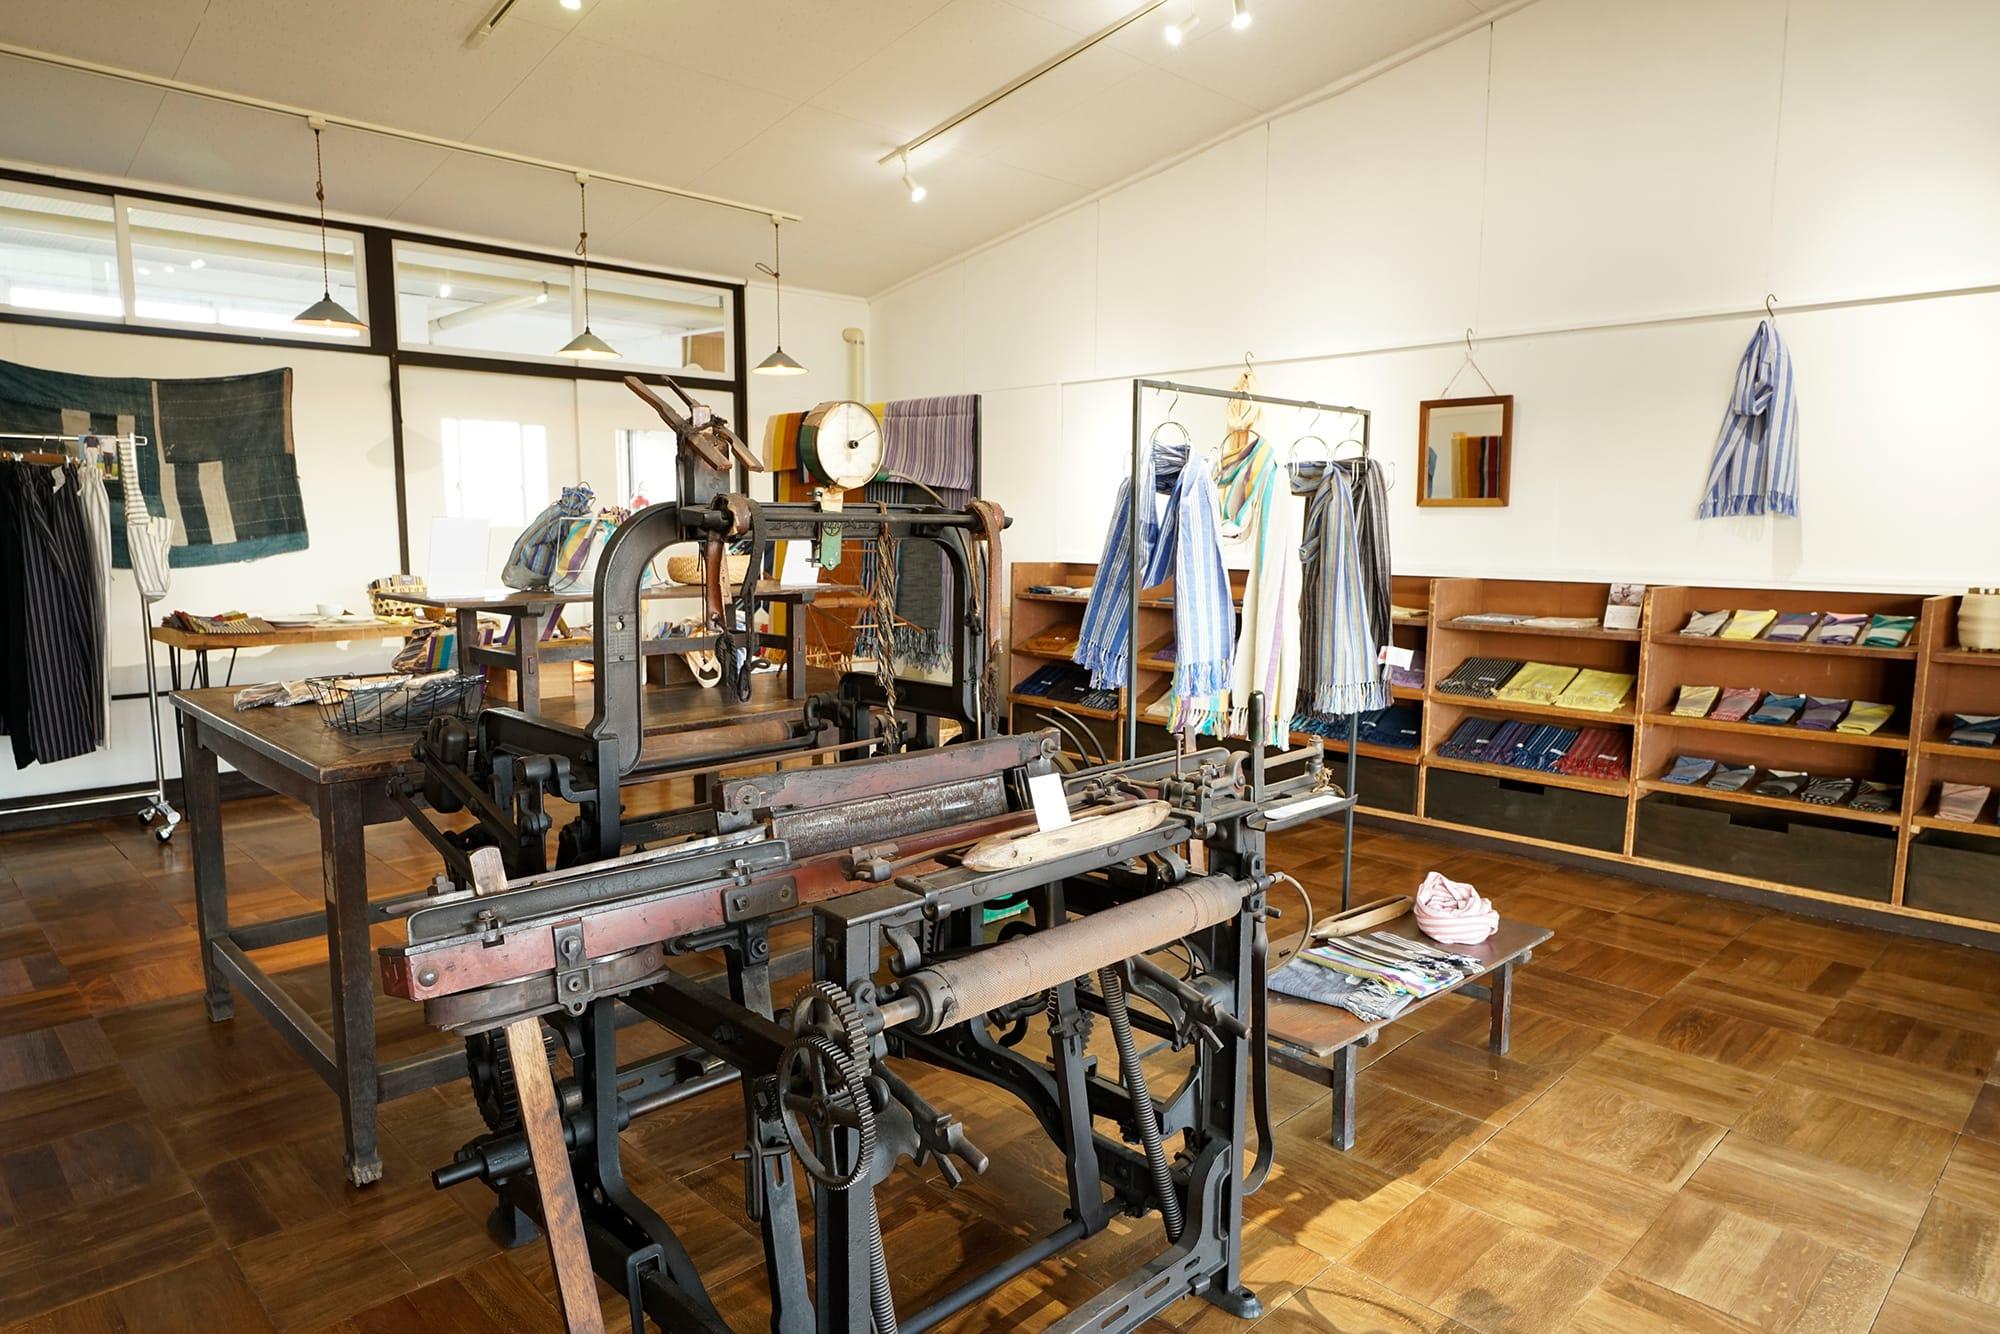 IIE Lab.内にあるショップ。中央には古い織機がディスプレイされている。